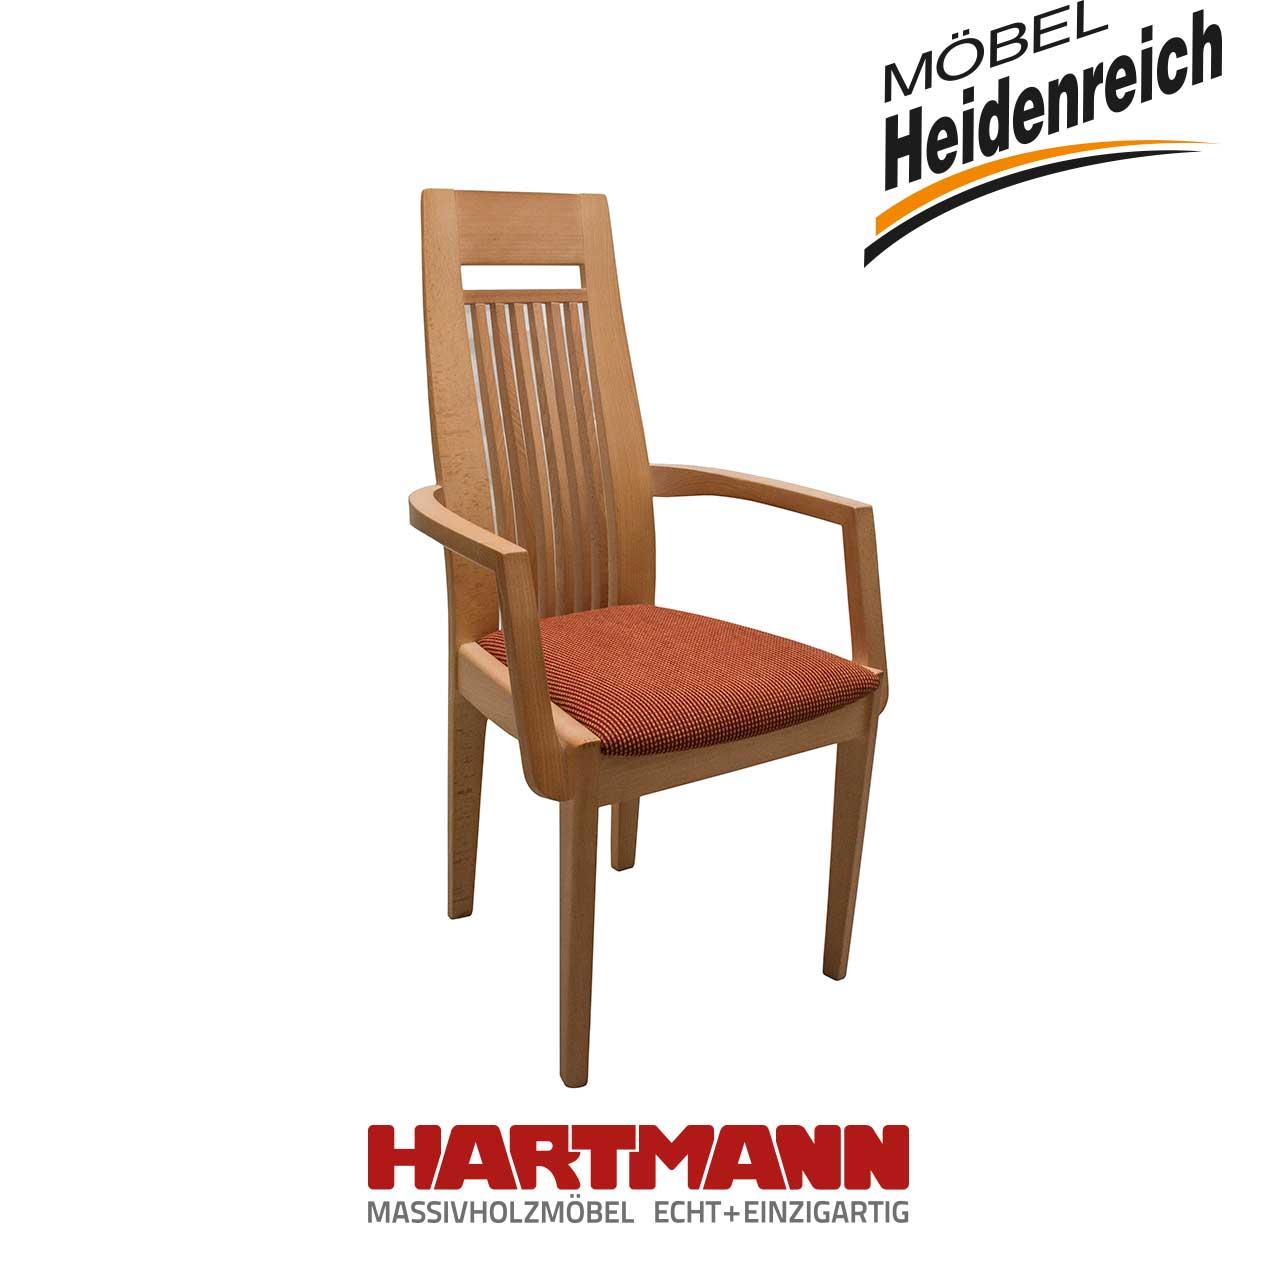 hartmann stuhl 679 st hle sale m bel heidenreich. Black Bedroom Furniture Sets. Home Design Ideas